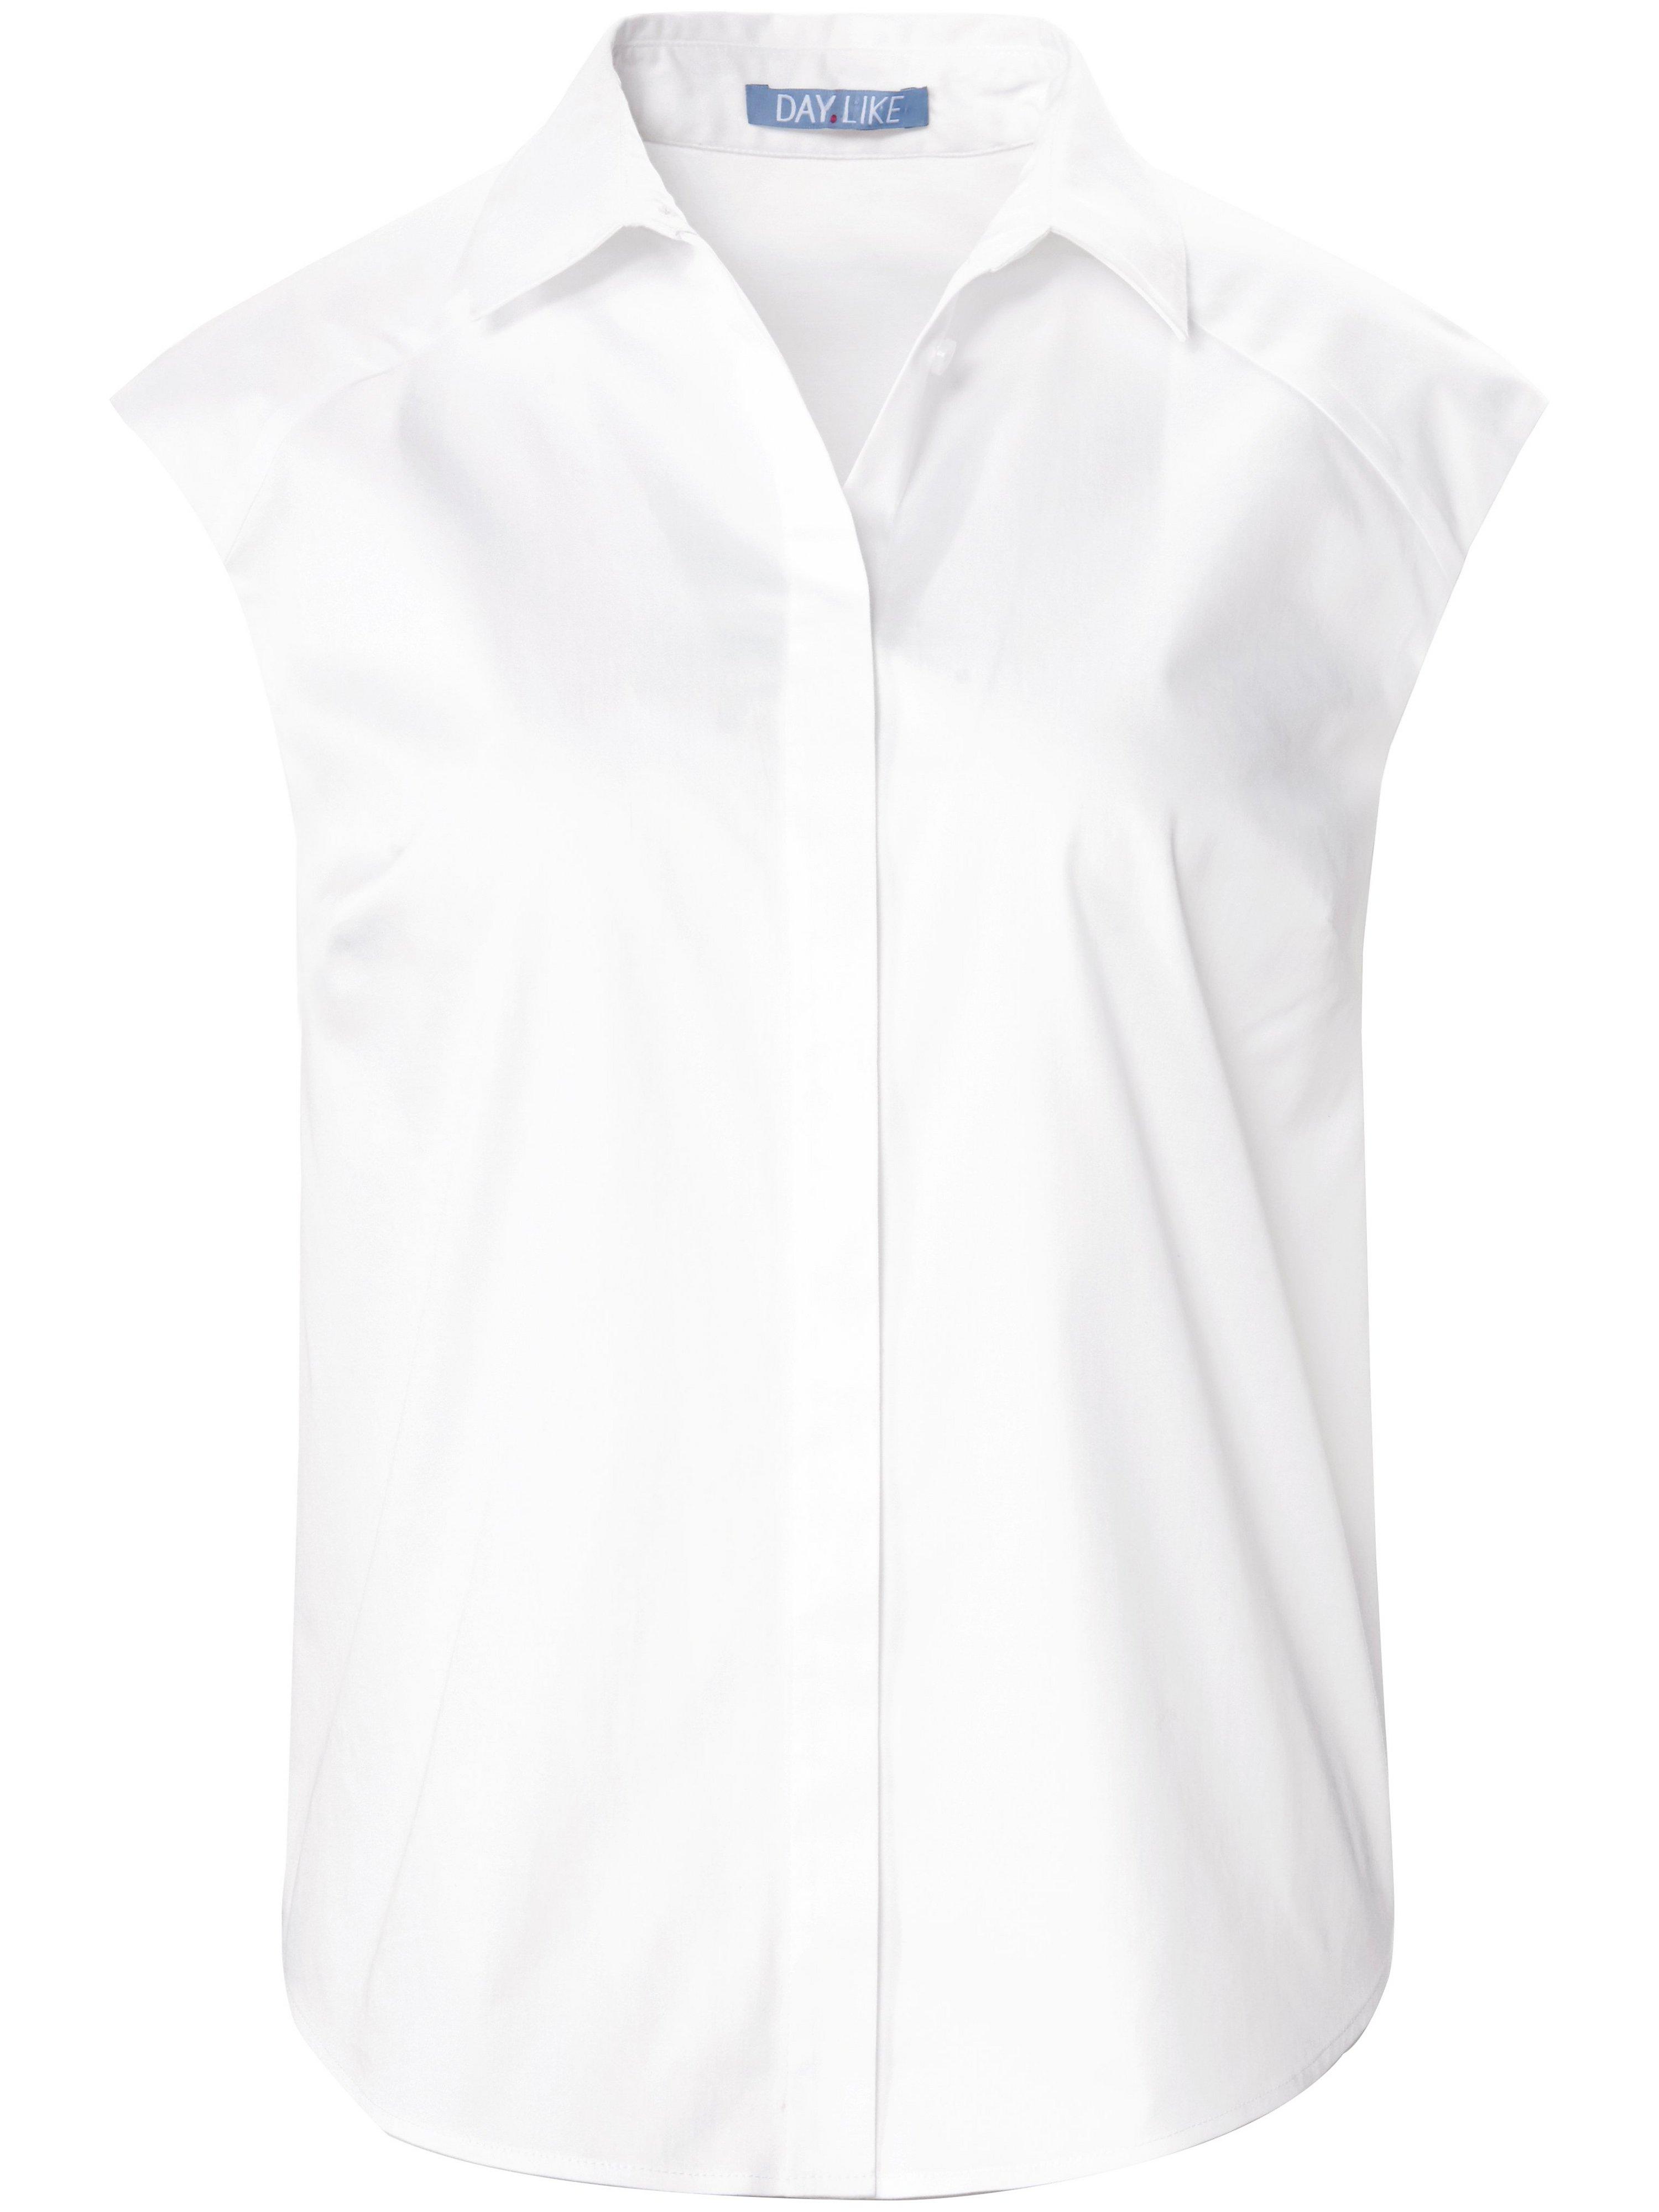 Mouwloze blouse overhemdkraag Van DAY.LIKE wit